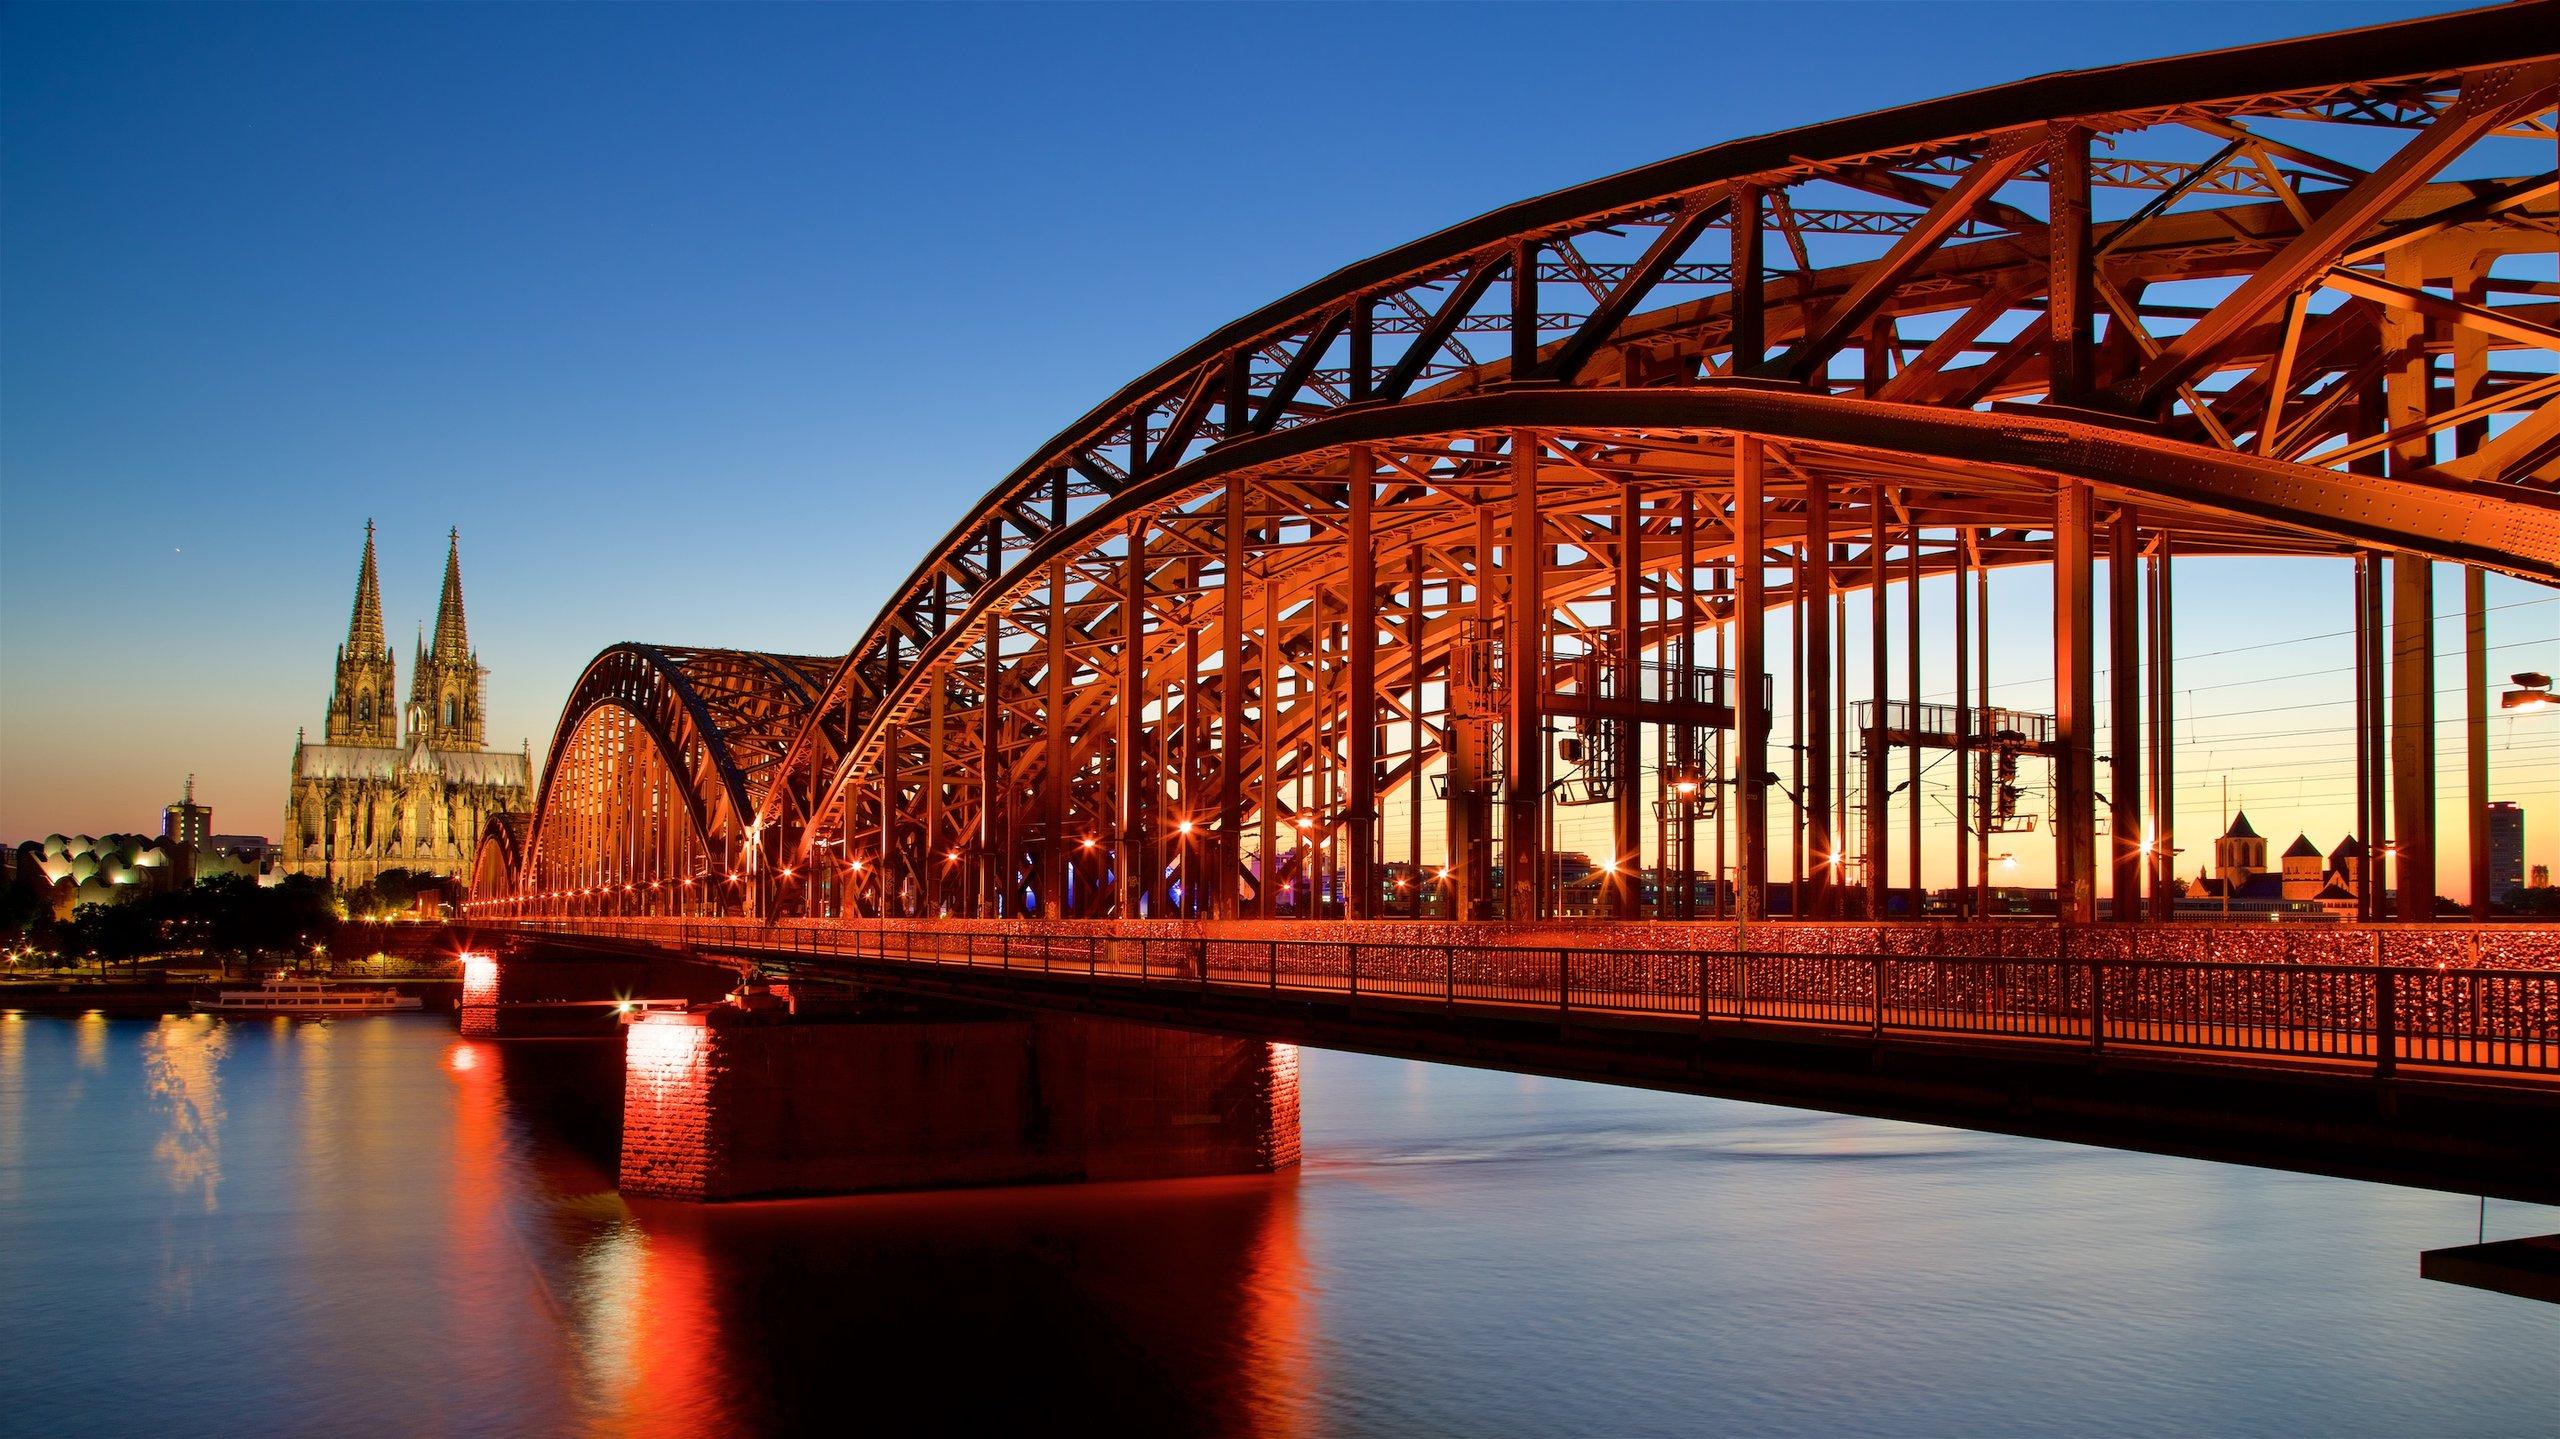 Avec sa vue imprenable sur la célèbre Cathédrale de Cologne, cet imposant pont ferroviaire offre un cadre féérique pour une promenade romantique.